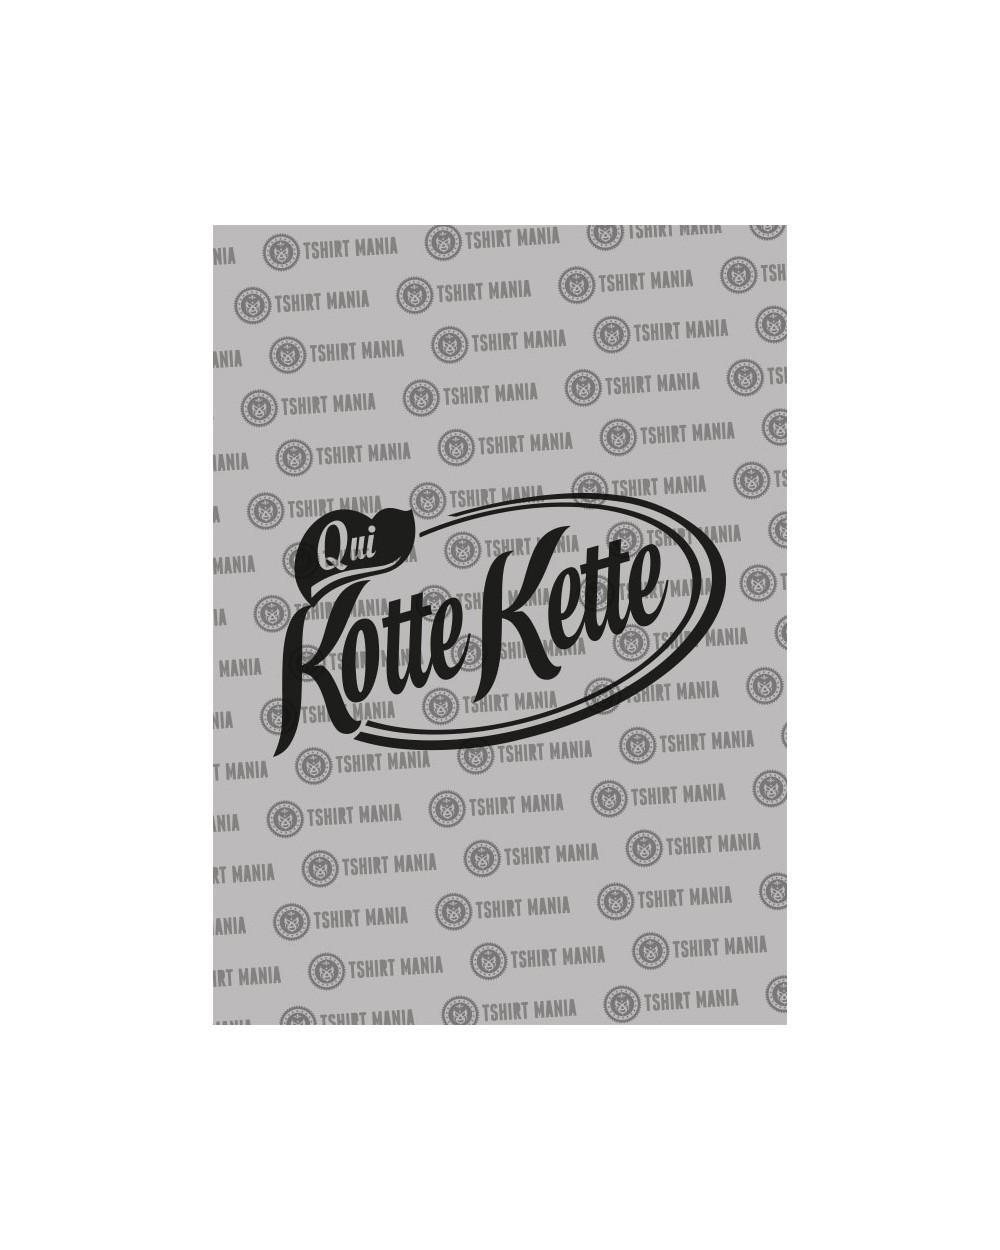 Tshirt qui Kotte Kette